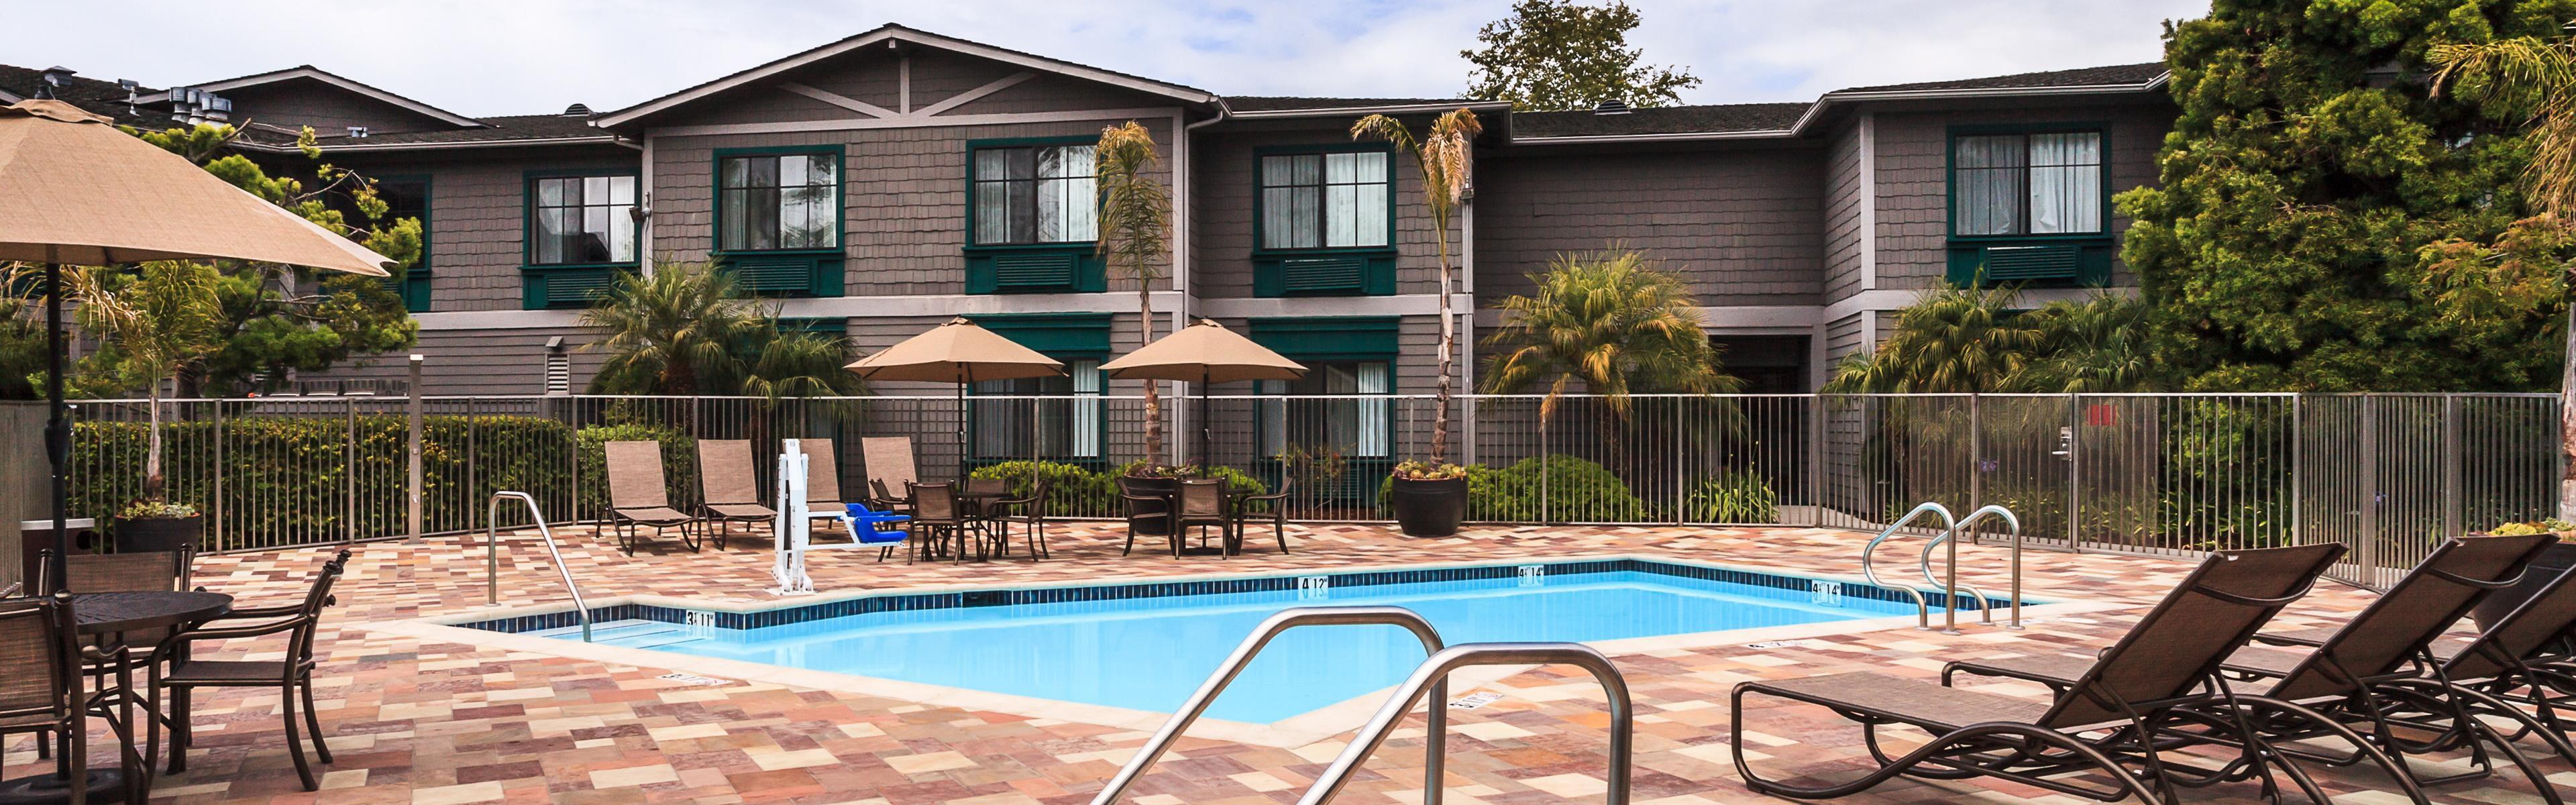 Dream Inn Motel